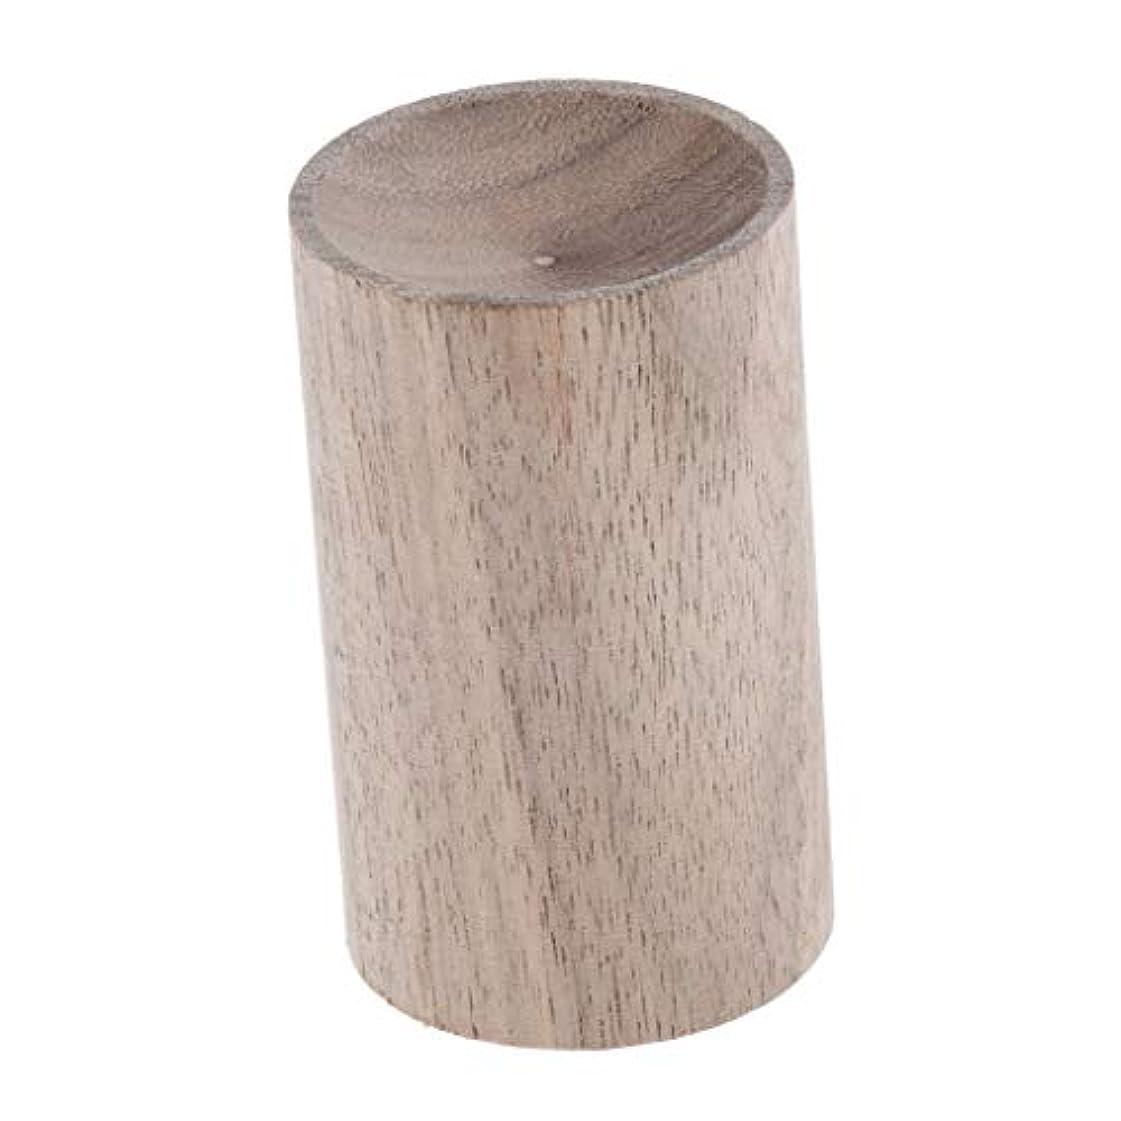 Perfeclan 天然木 エアフレッシュナー エッセンシャルオイル 香水 アロマディフューザー 使いやすい 2種選ぶ - 02, 3.2cm